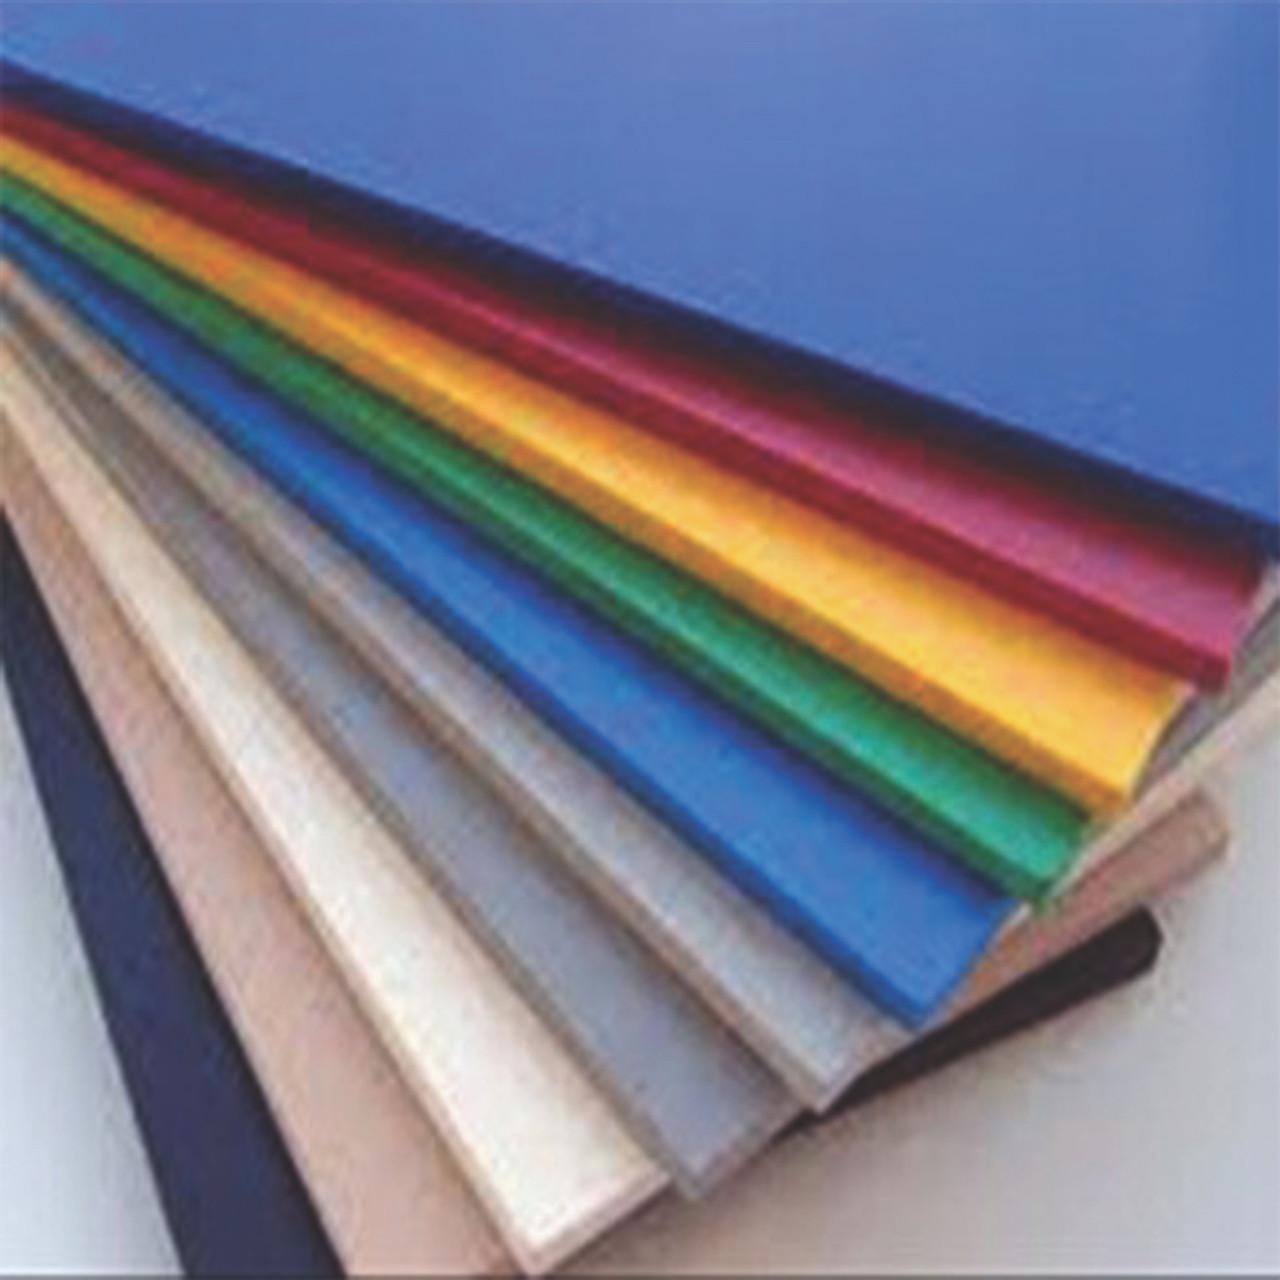 Sintra Board Blue - 4' x 8' x 3mm (122cm x 244cm )